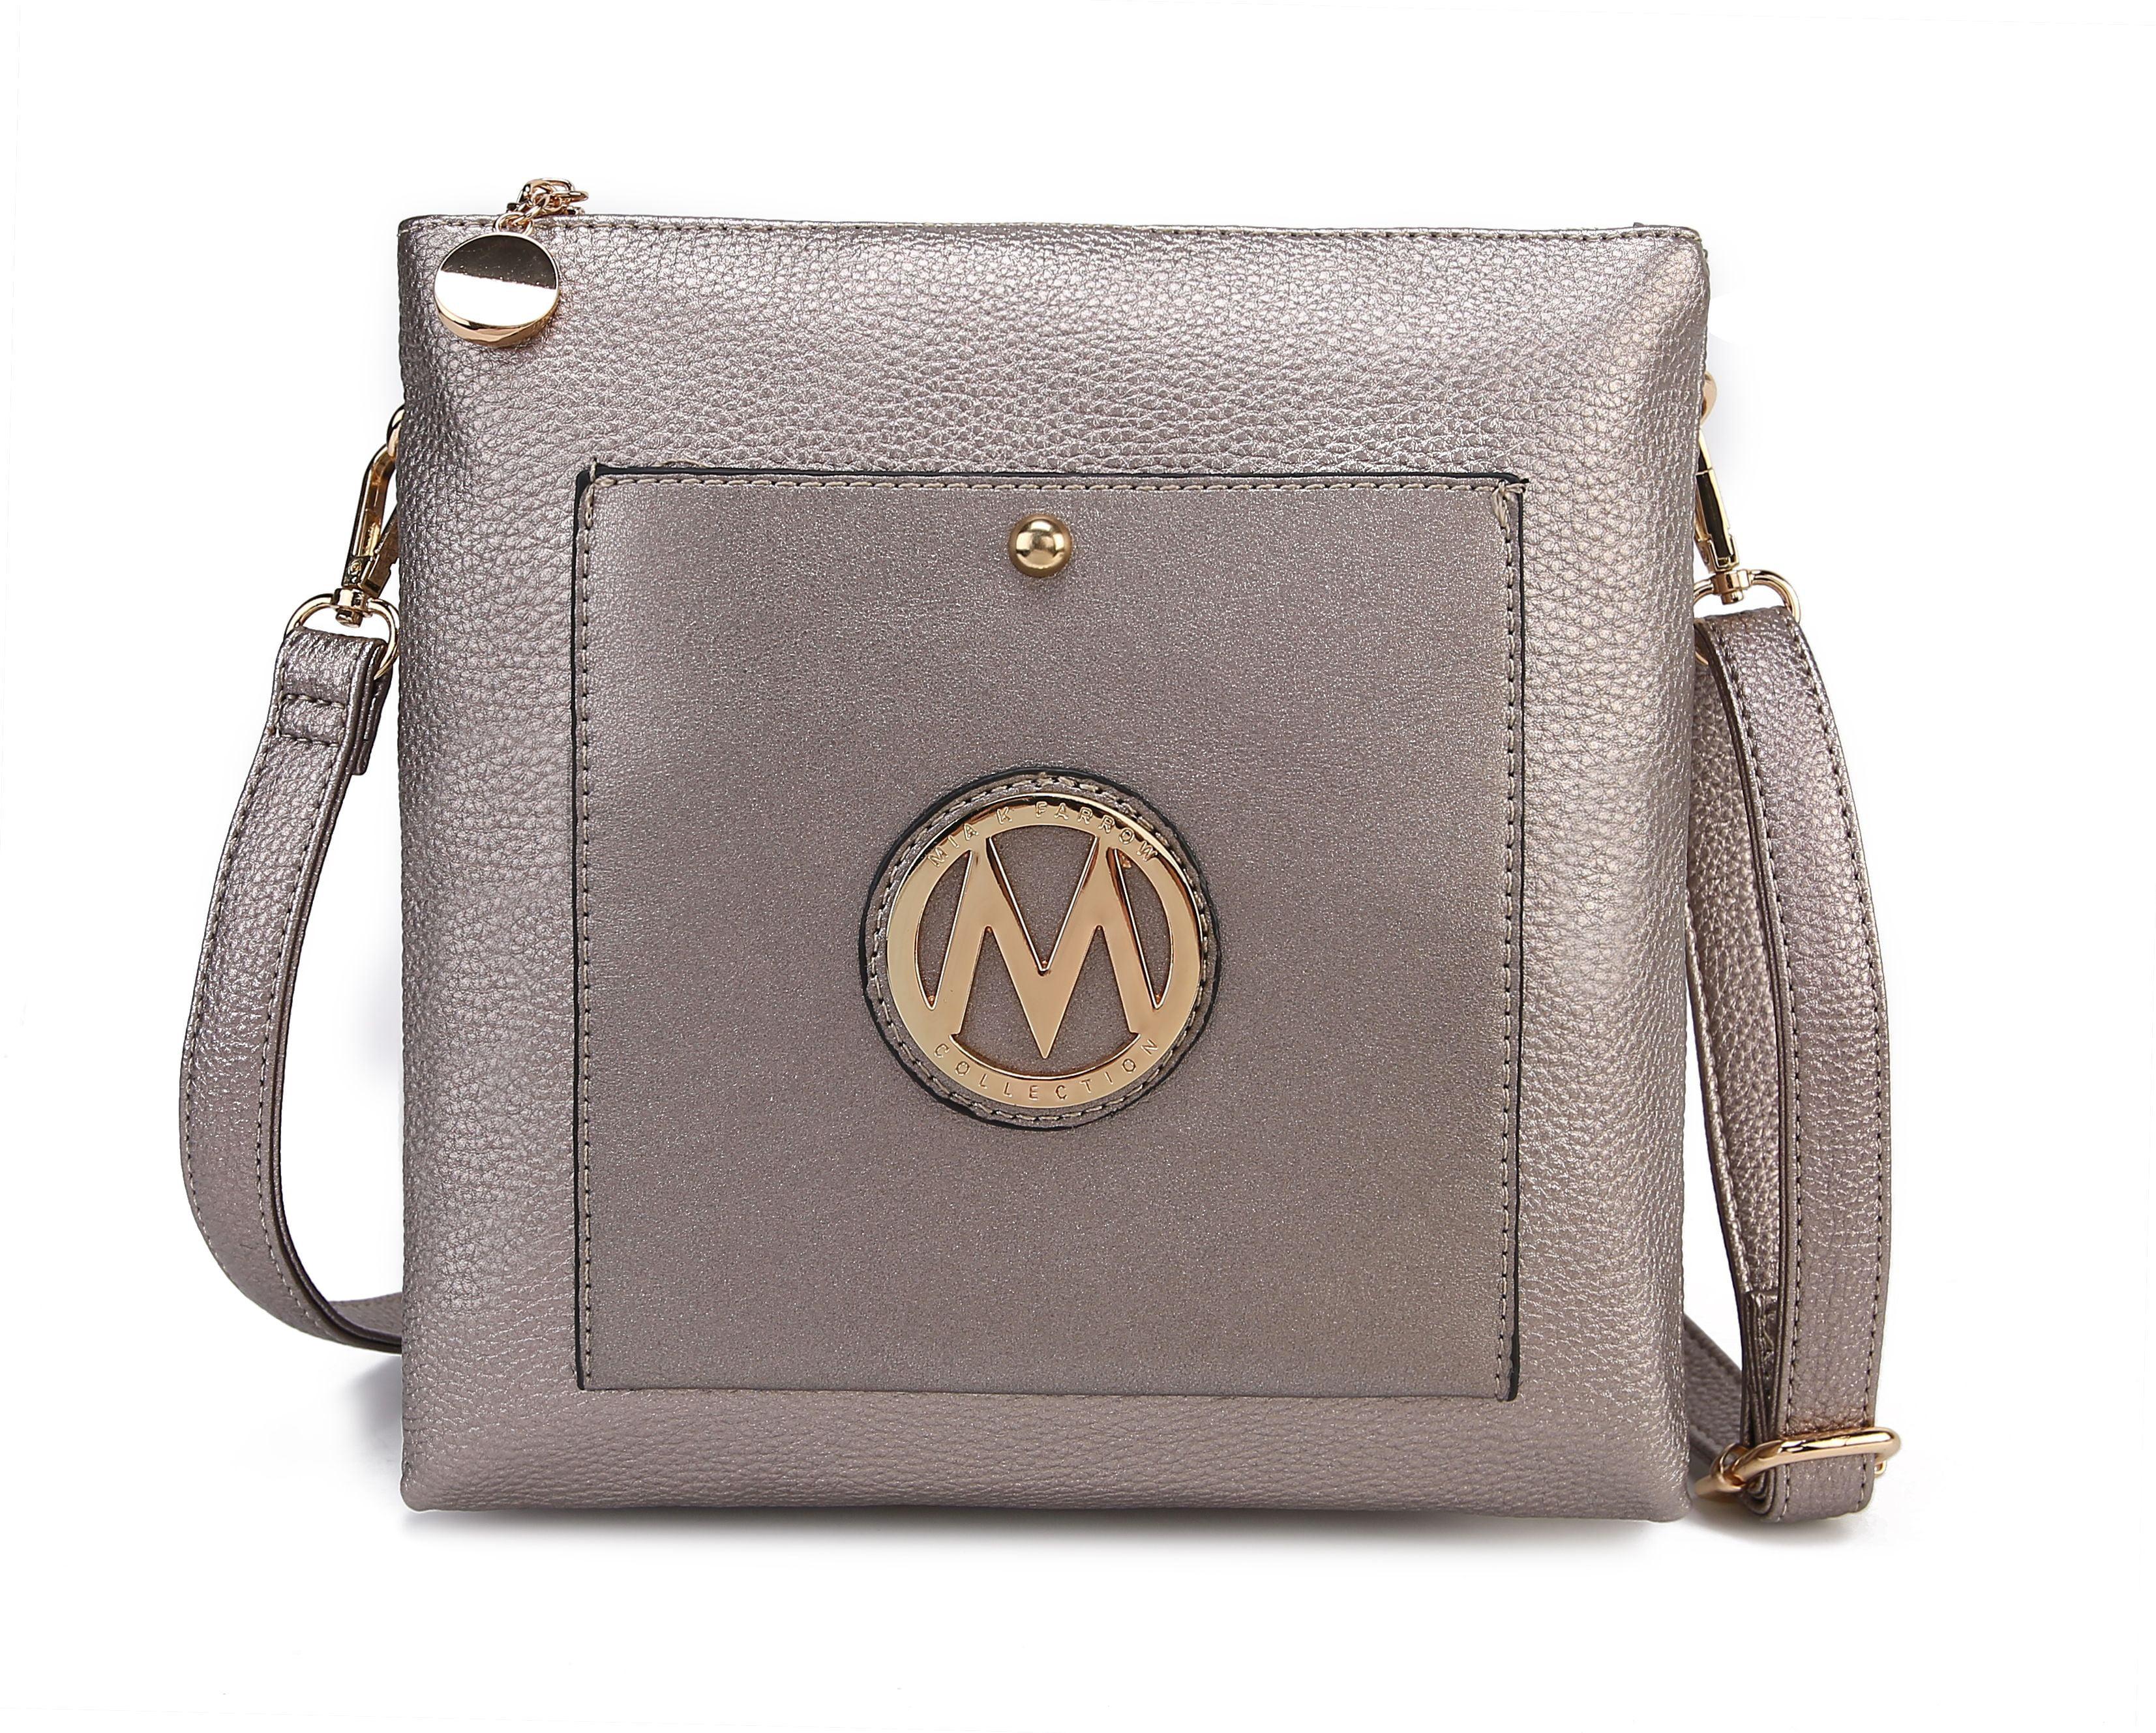 8710 4 Colors Adjustable Infant Walking Belt Bag Baby Walking Belt Bag Walker